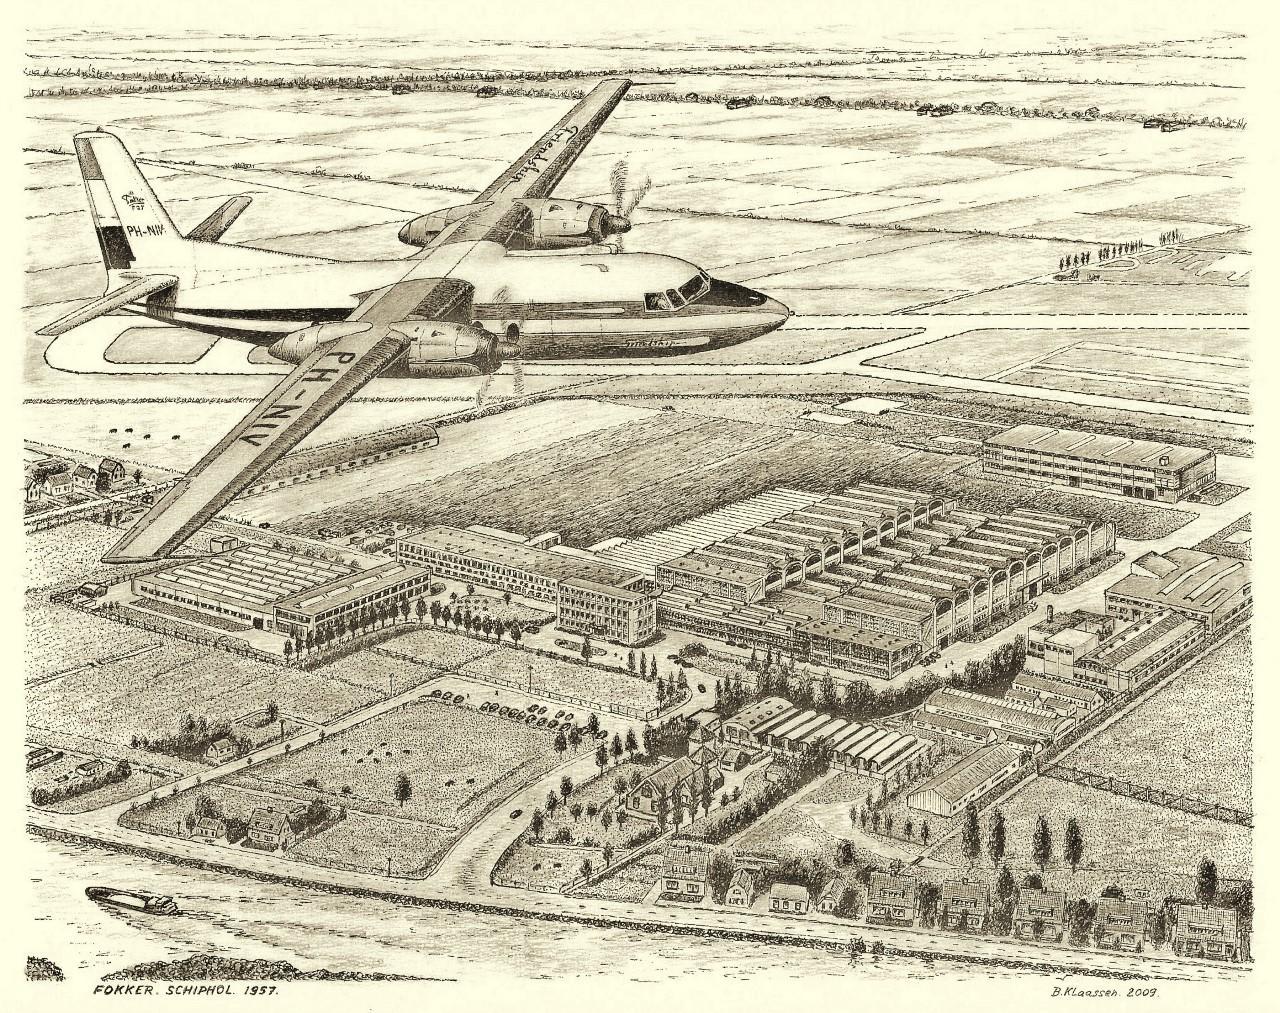 Fokker Schiphol 1957